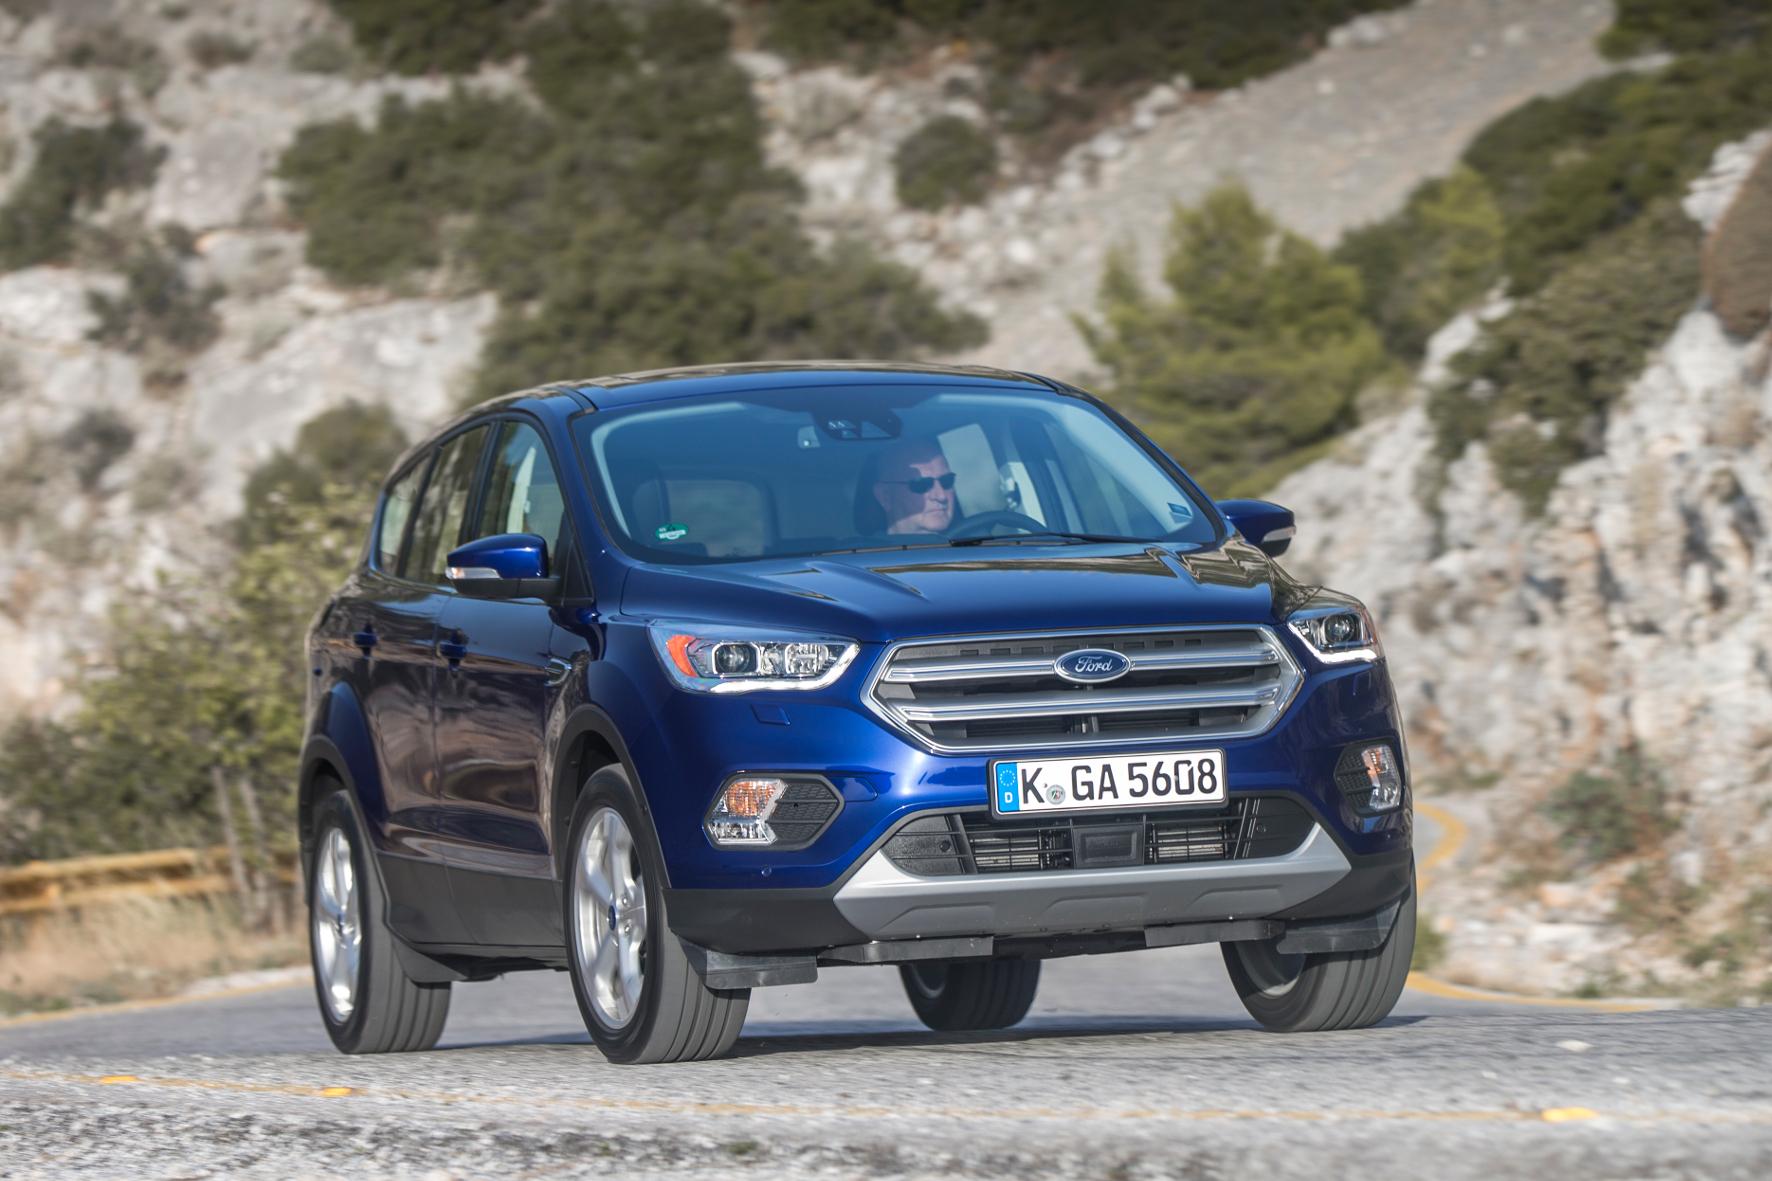 mid Athen - Neues Gesicht, aufgefrischte Technik und neue Varianten: der neue Ford Kuga.